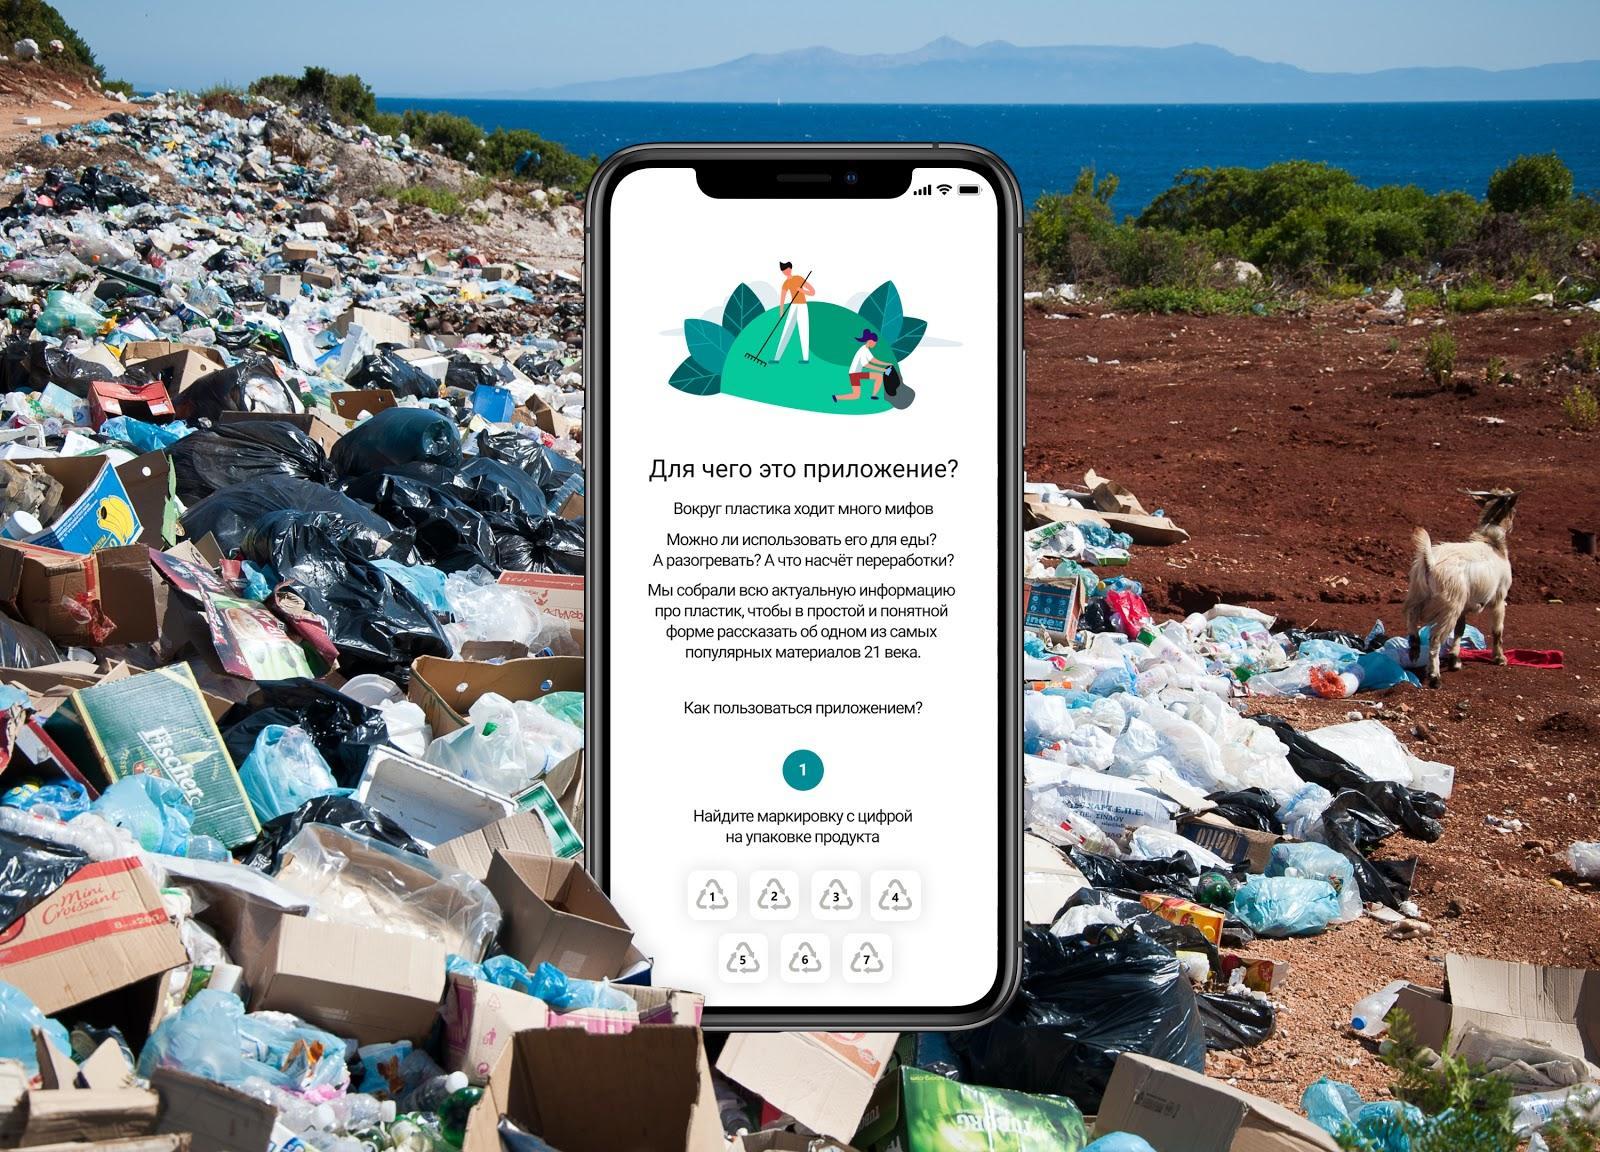 Пропластик — это удобный справочник, в котором собрана информация о разных видах пластика, а ещё приложение показывает места, куда можно этот пластик сдать